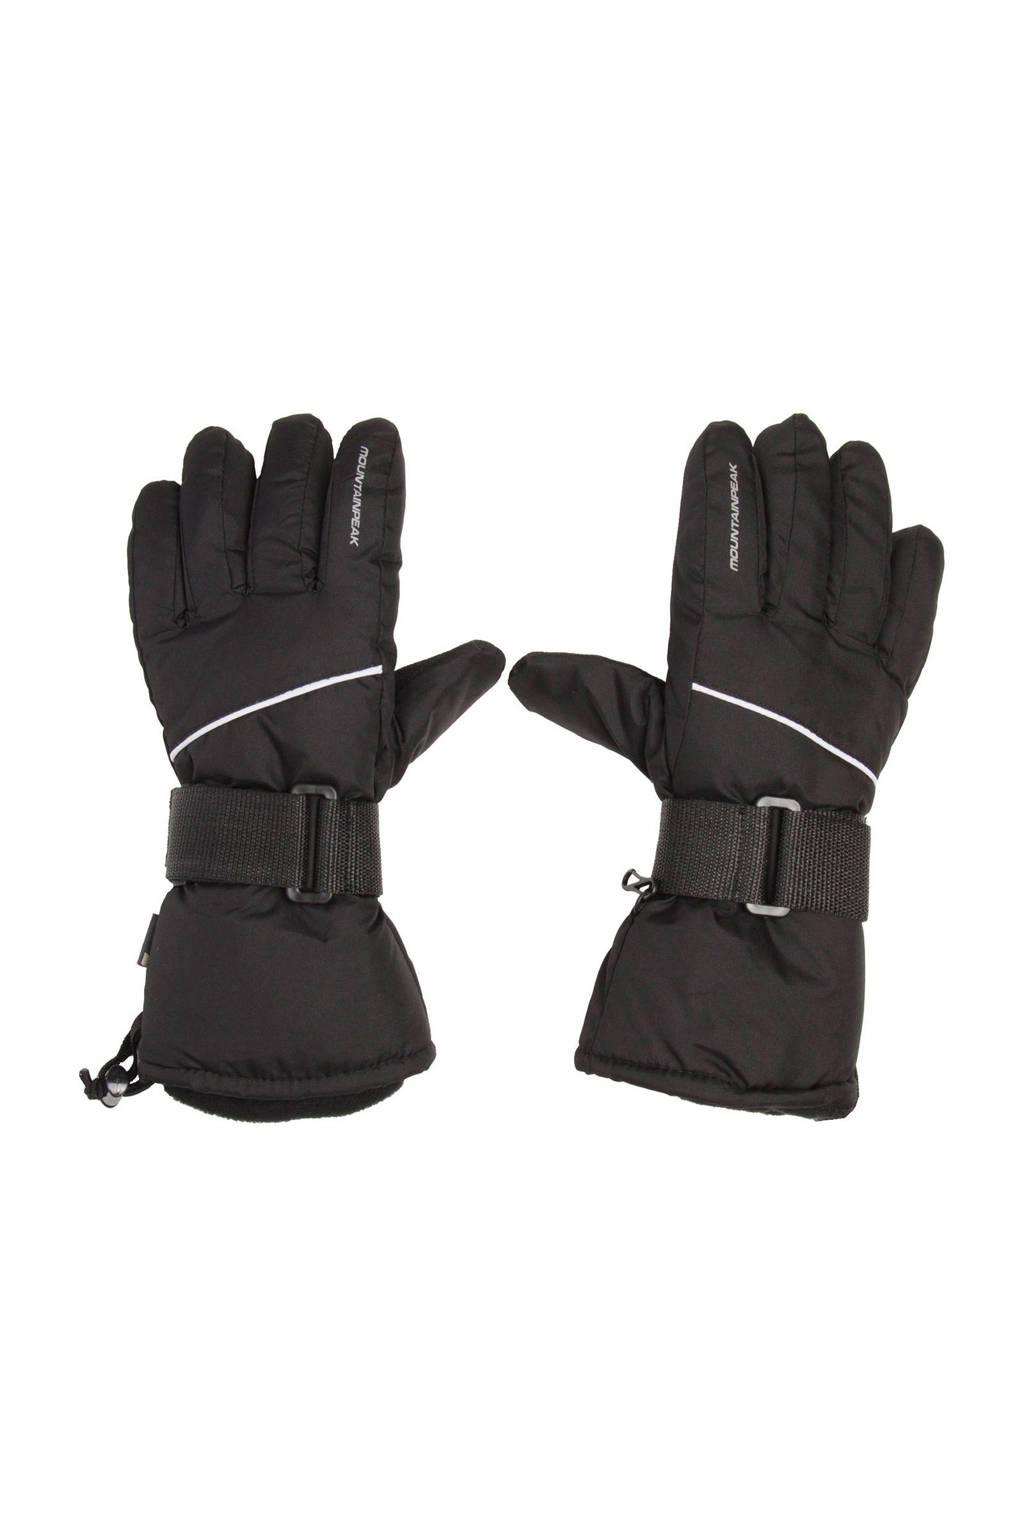 Scapino Mountain Peak skihandschoenen zwart, Zwart